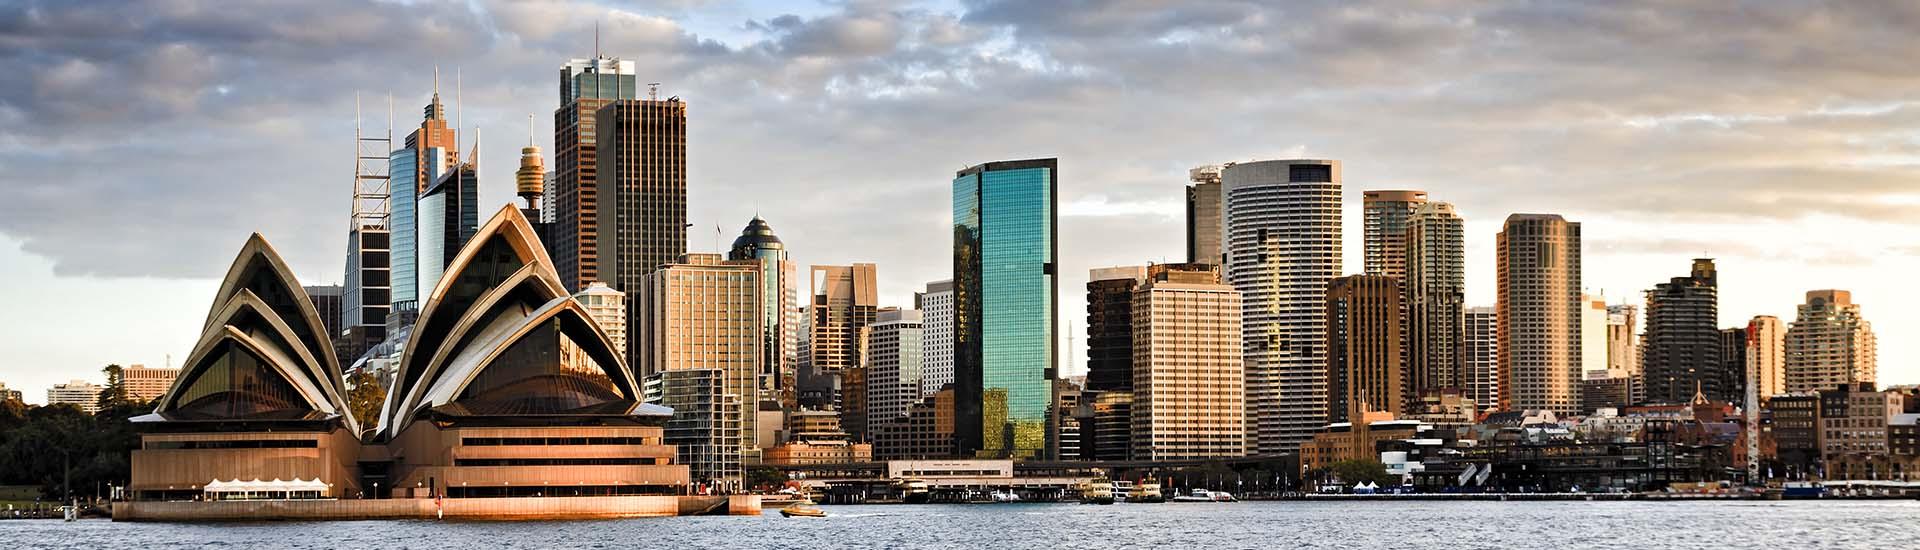 Blepharoplasty Sydney